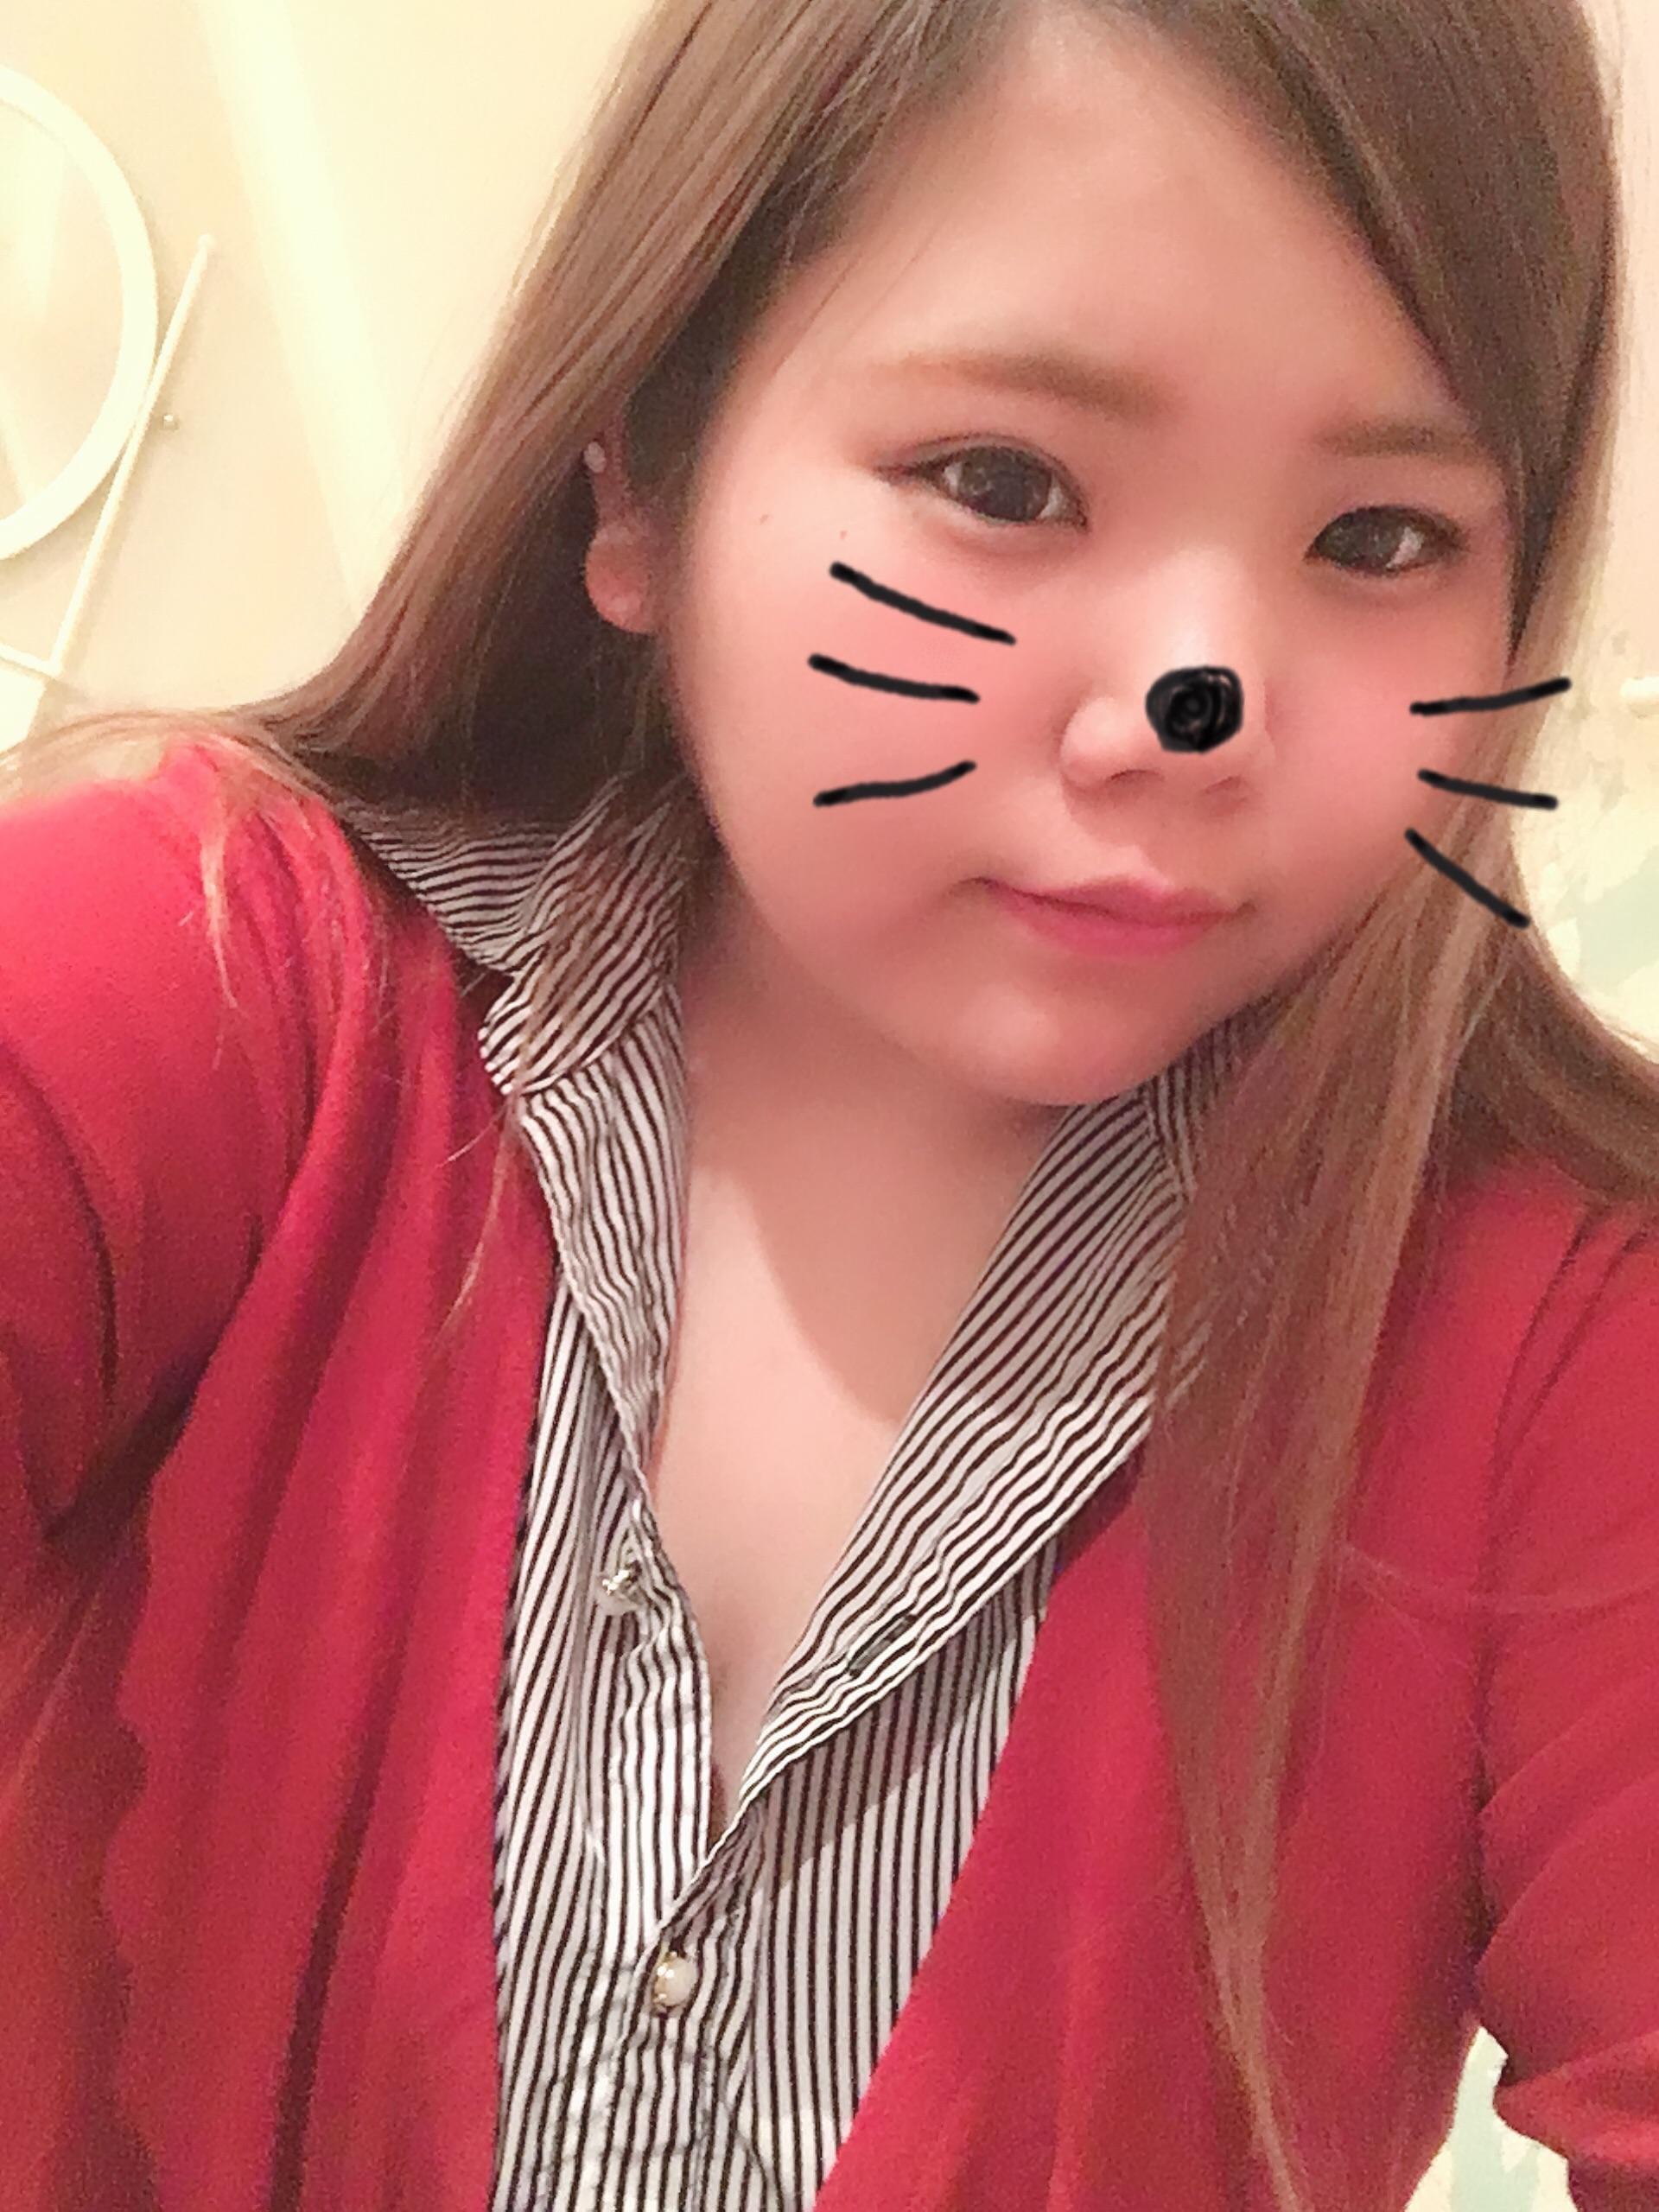 まいこ☆抱き心地NO1!!「まいこ」01/23(水) 22:24 | まいこ☆抱き心地NO1!!の写メ・風俗動画